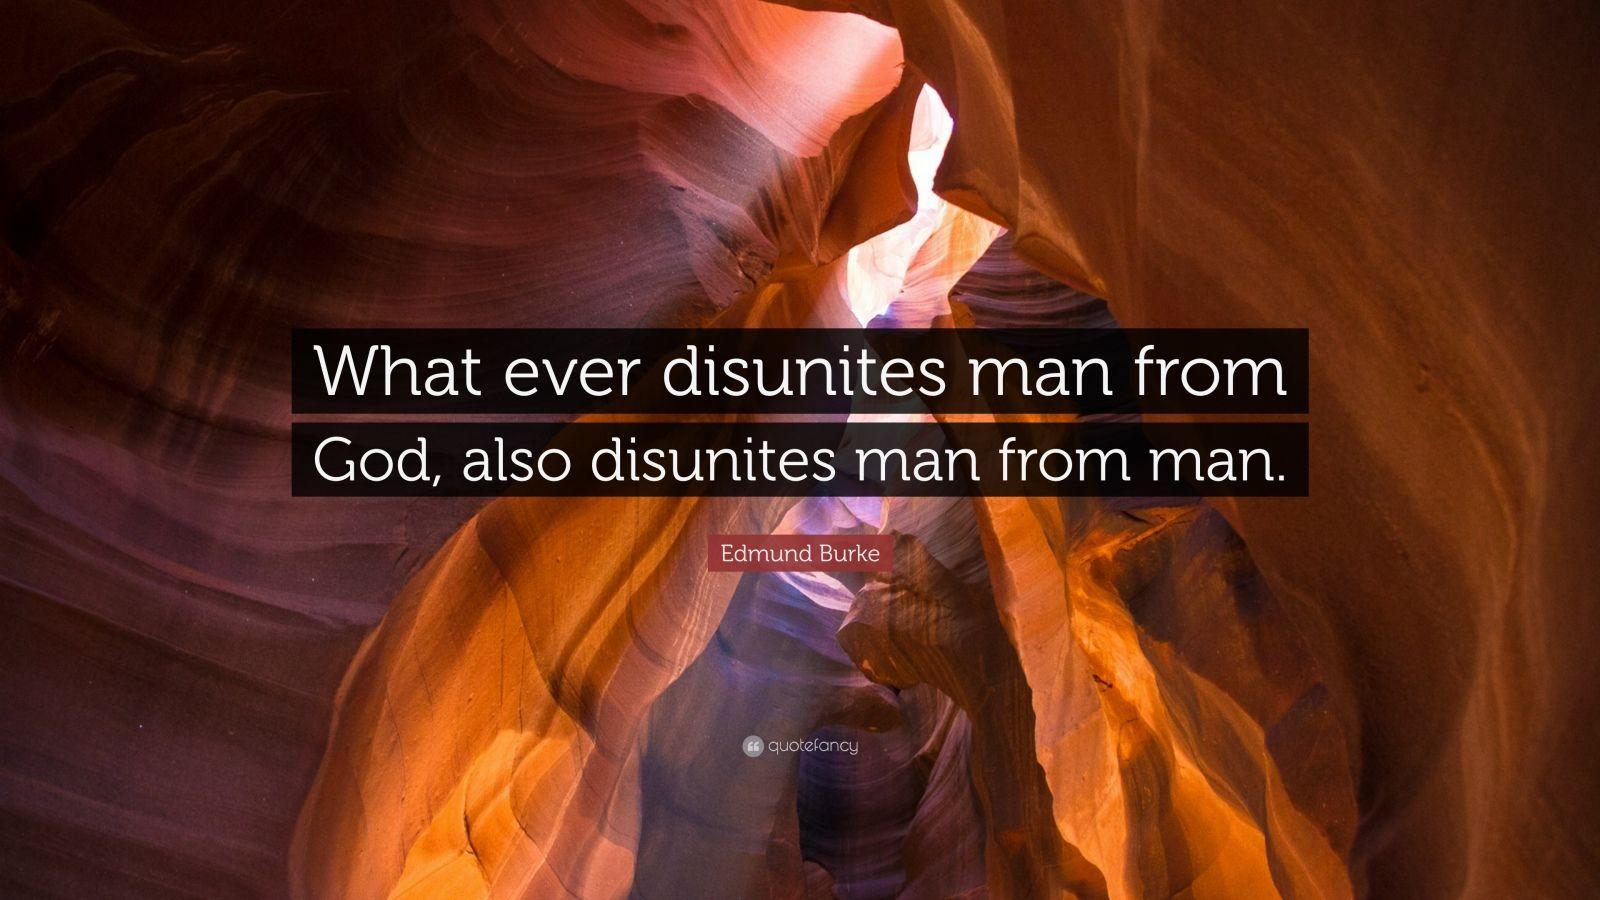 """Edmund Burke Quote: """"What ever disunites man from God, also disunites man from man."""""""